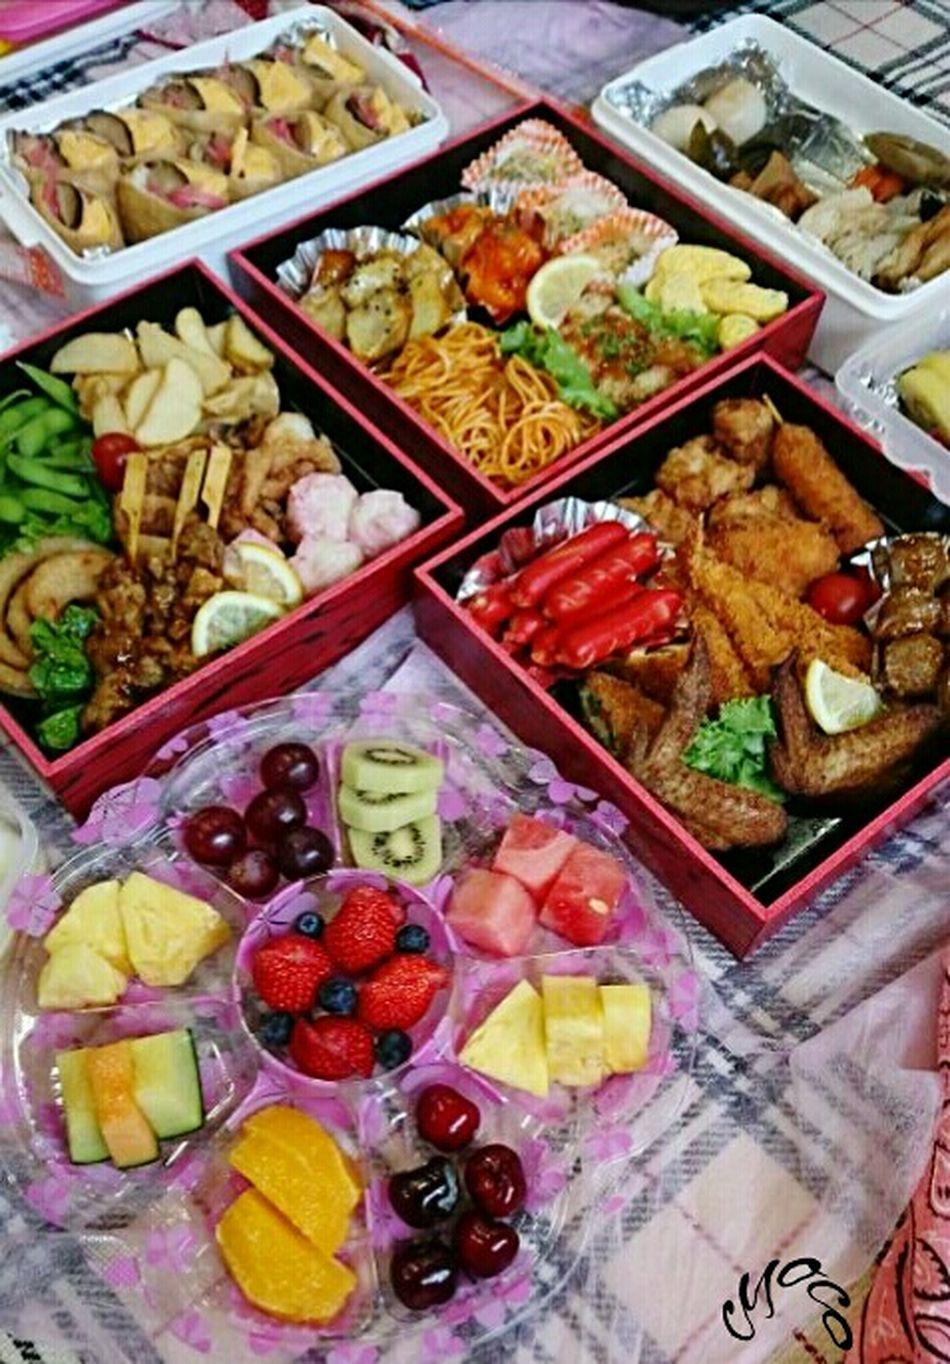 小学校の運動会のお弁当🍱 和食 お弁当 昼食 おいなりさん おでん Wasyoku Obentou Food Food Porn Oinarisan Oden Yakitori Edamame Elementary School Sports Day  Lunch Ultimate JapanJapanese Style Japan Fruits写ってないけどおにぎりもあるんだよ😊🍙